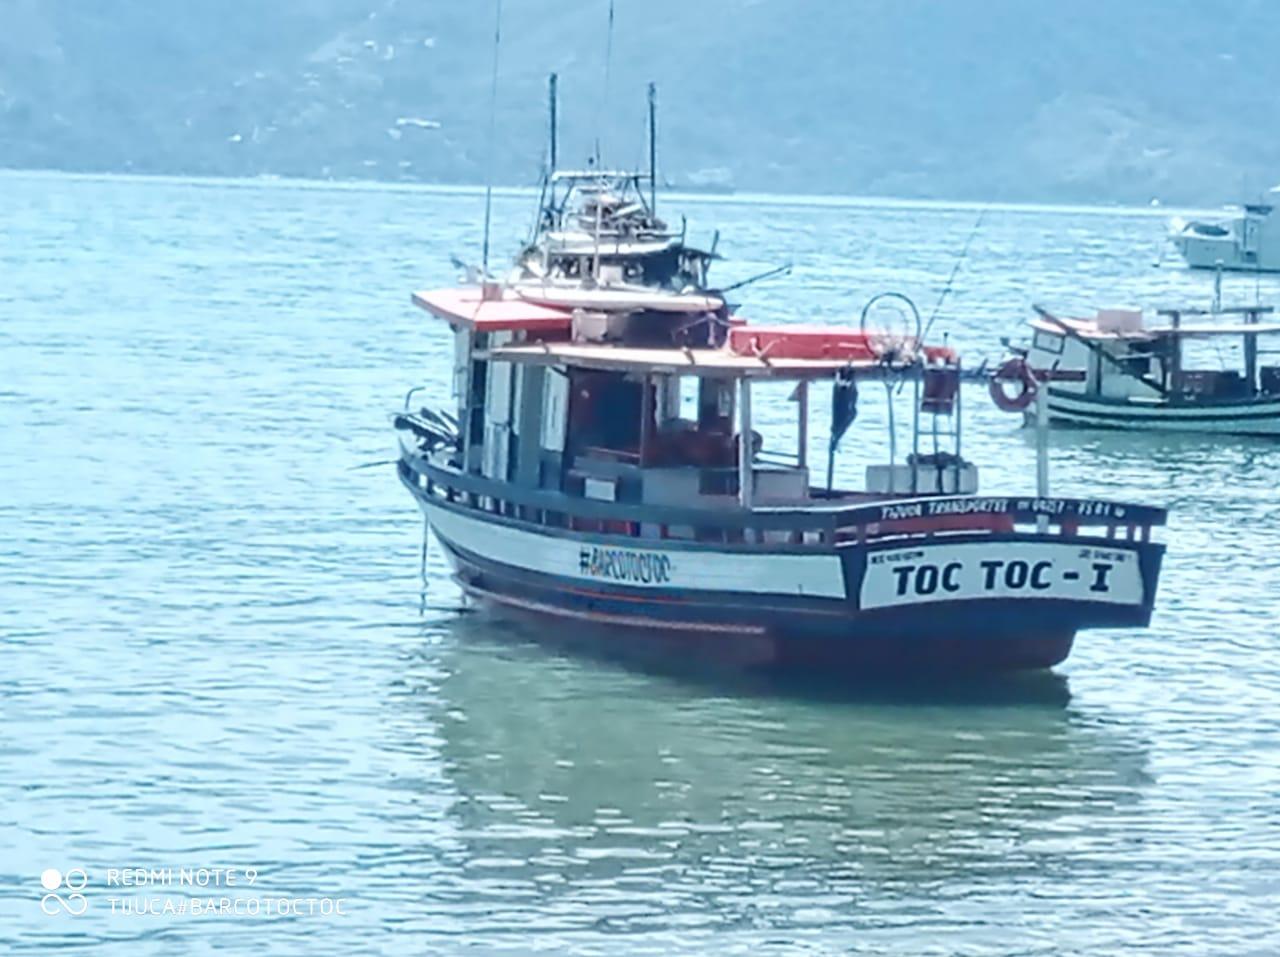 barco,pesca,pescaria,aluguel,barco